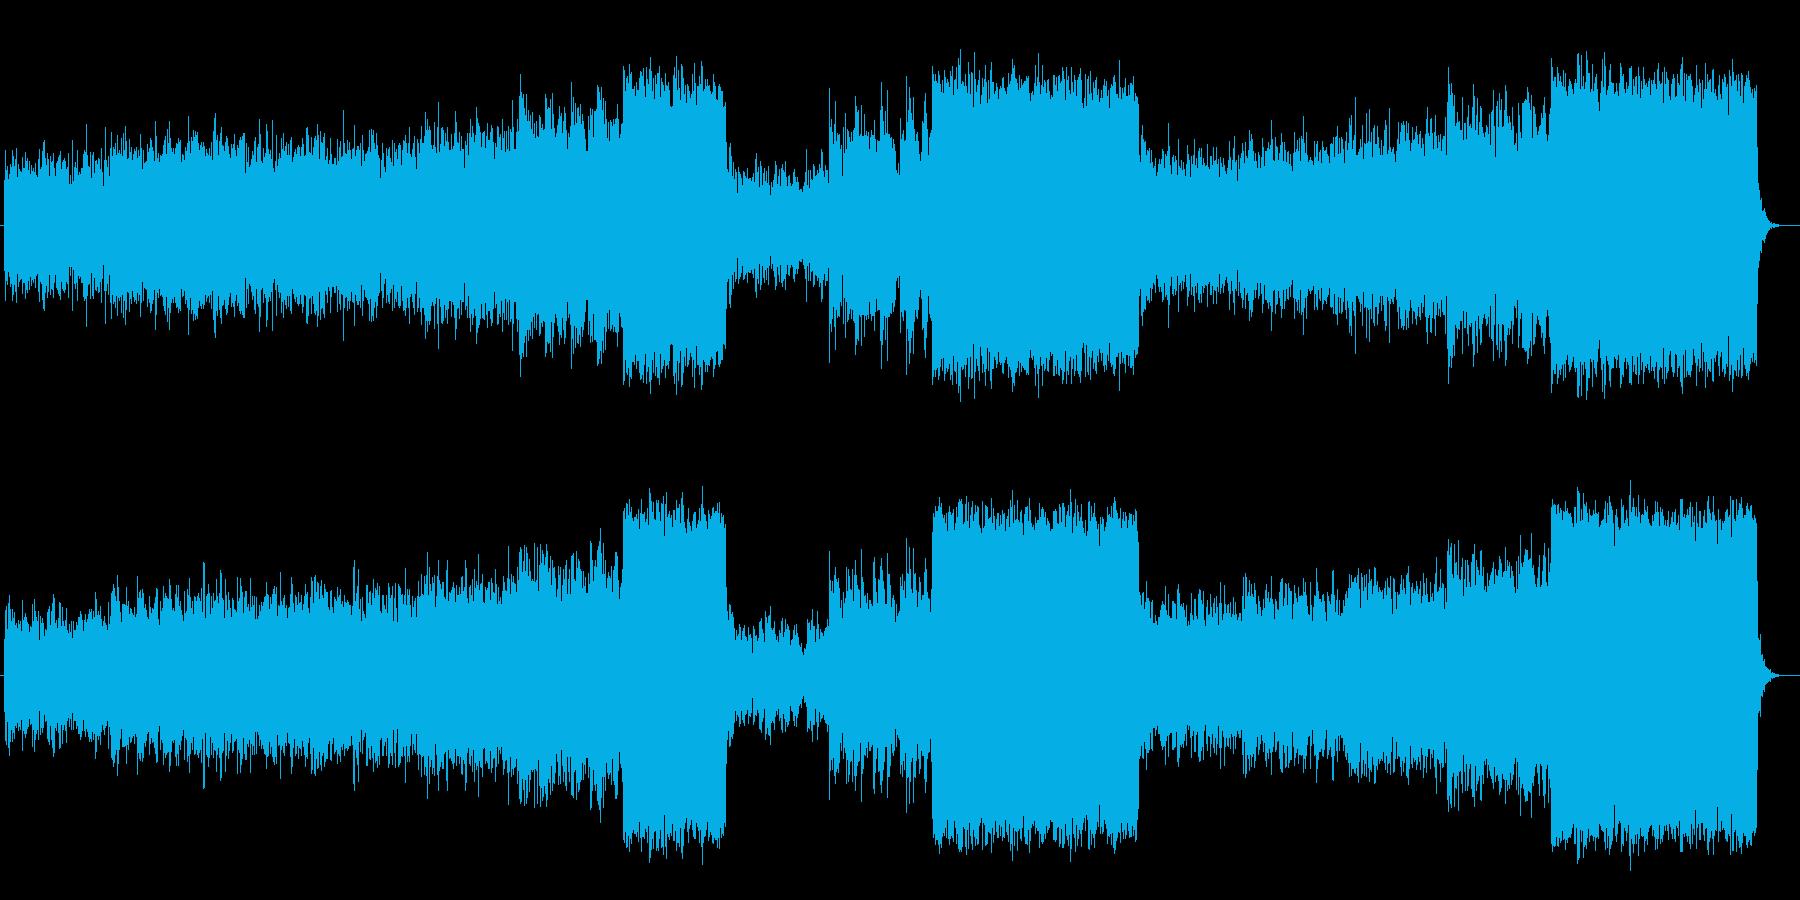 神秘的で幻想的なシンセポップスの再生済みの波形